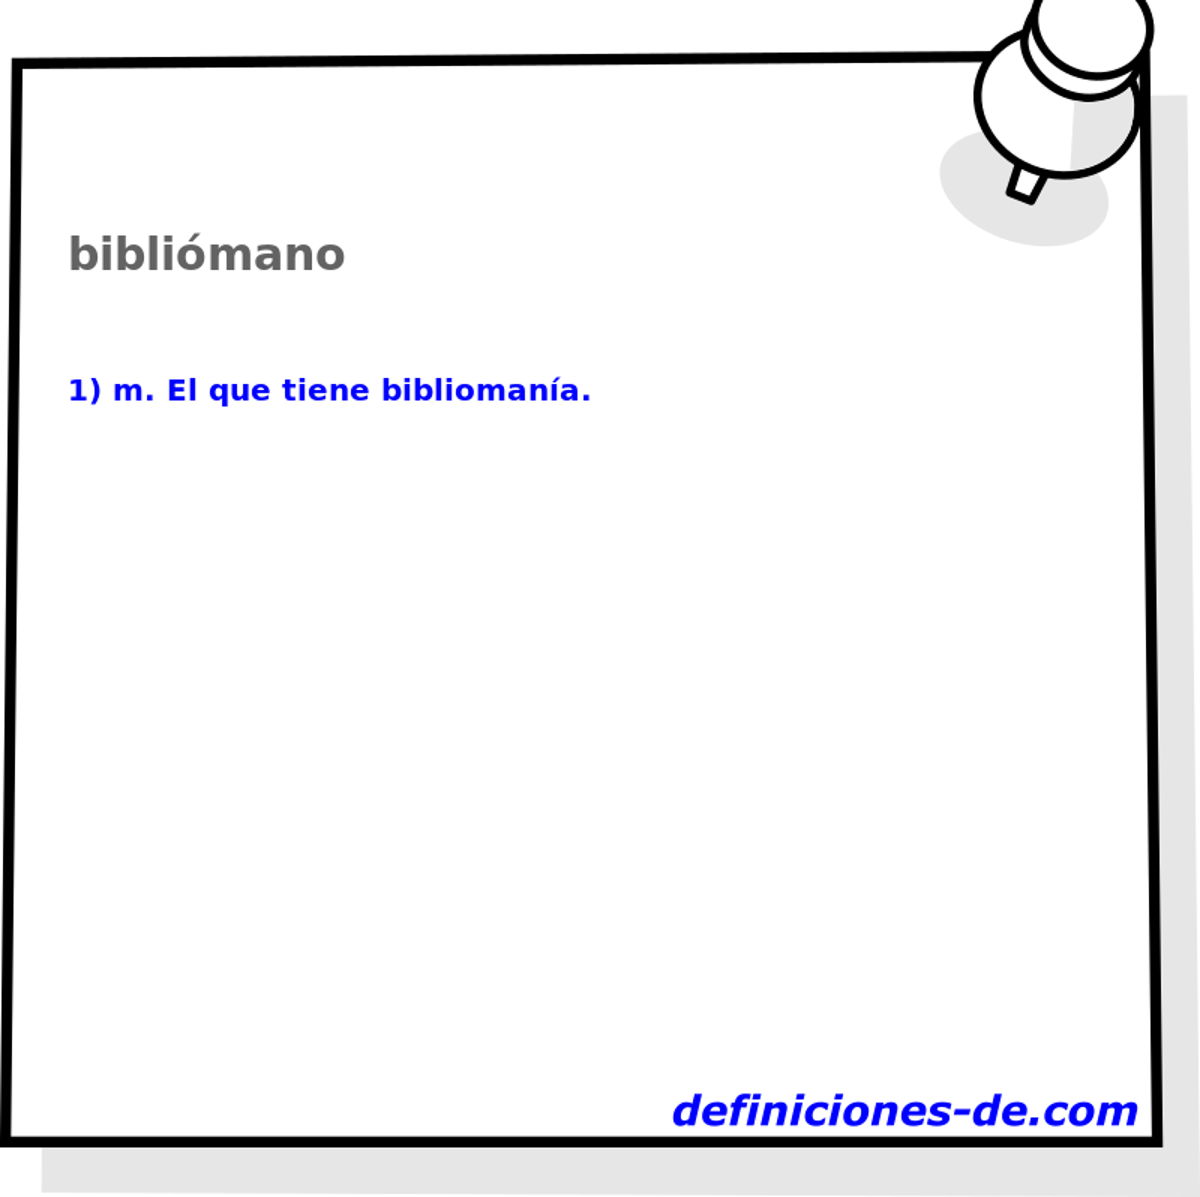 Qué significa Bibliómano?